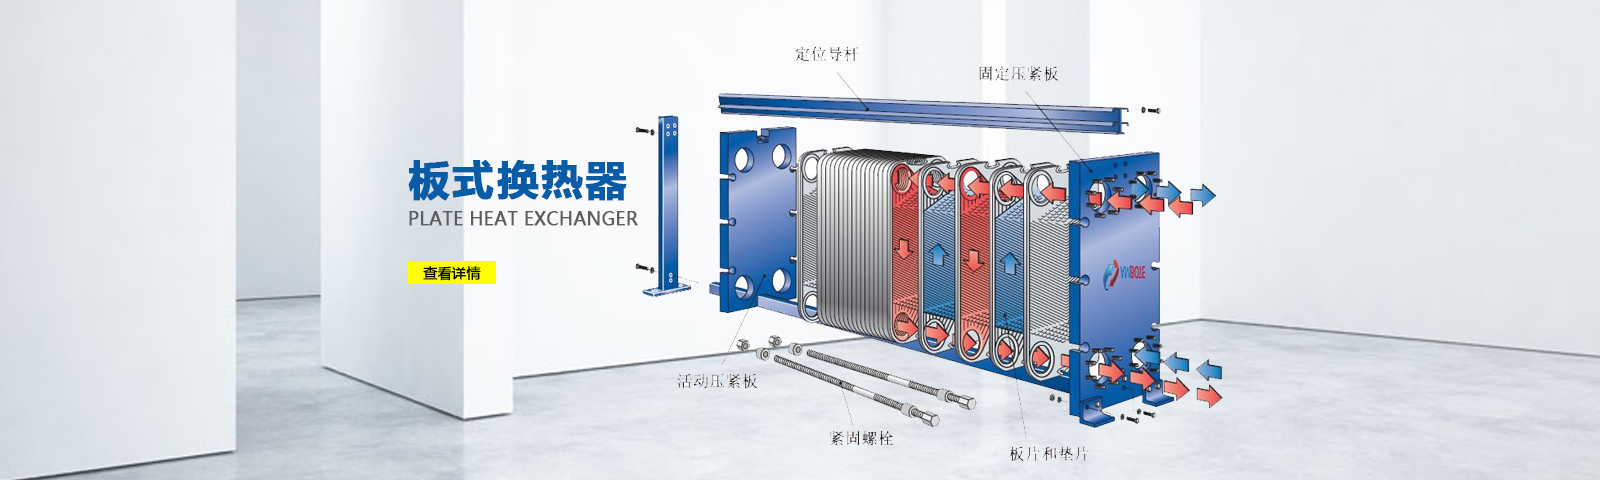 板式换热器企业